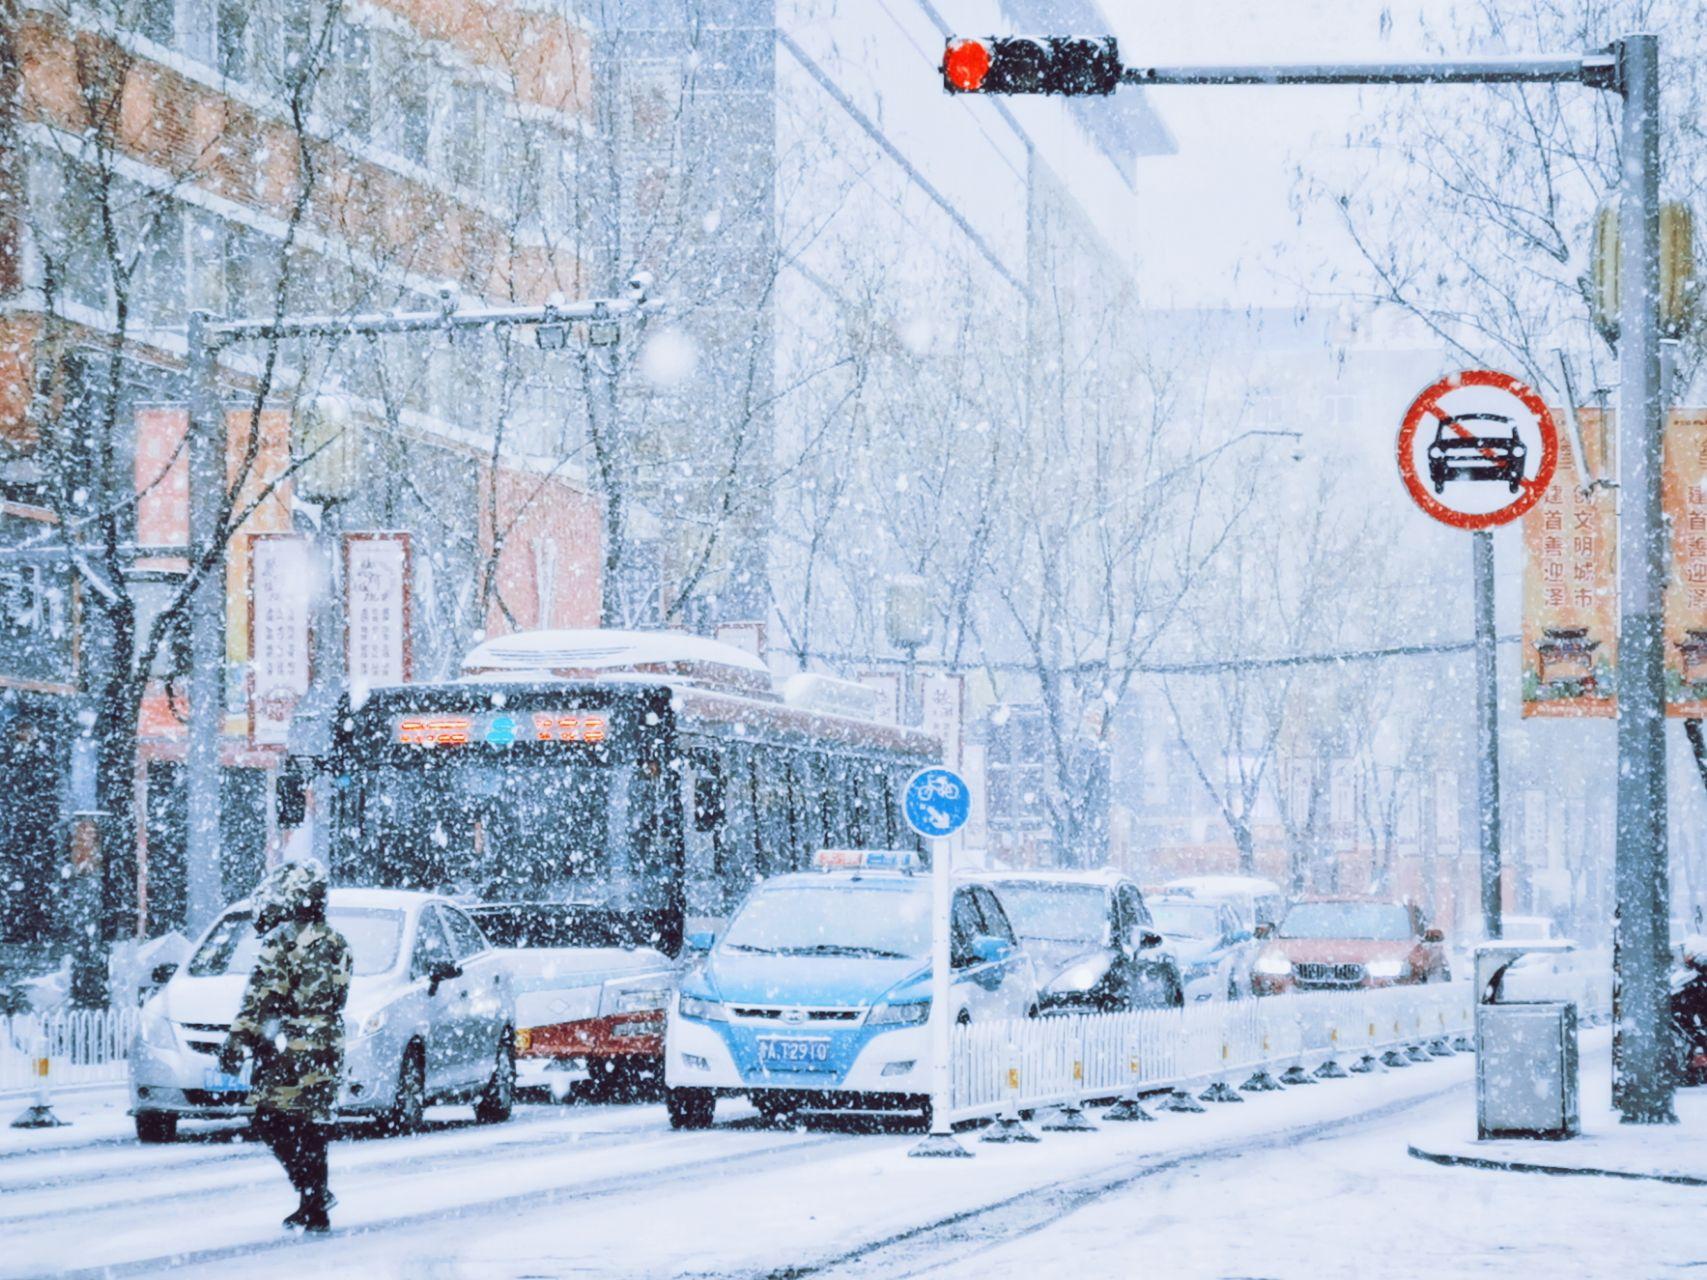 山西太原 mate20pro  木木木木大湿 满天飞雪中的行人与车辆.jpg